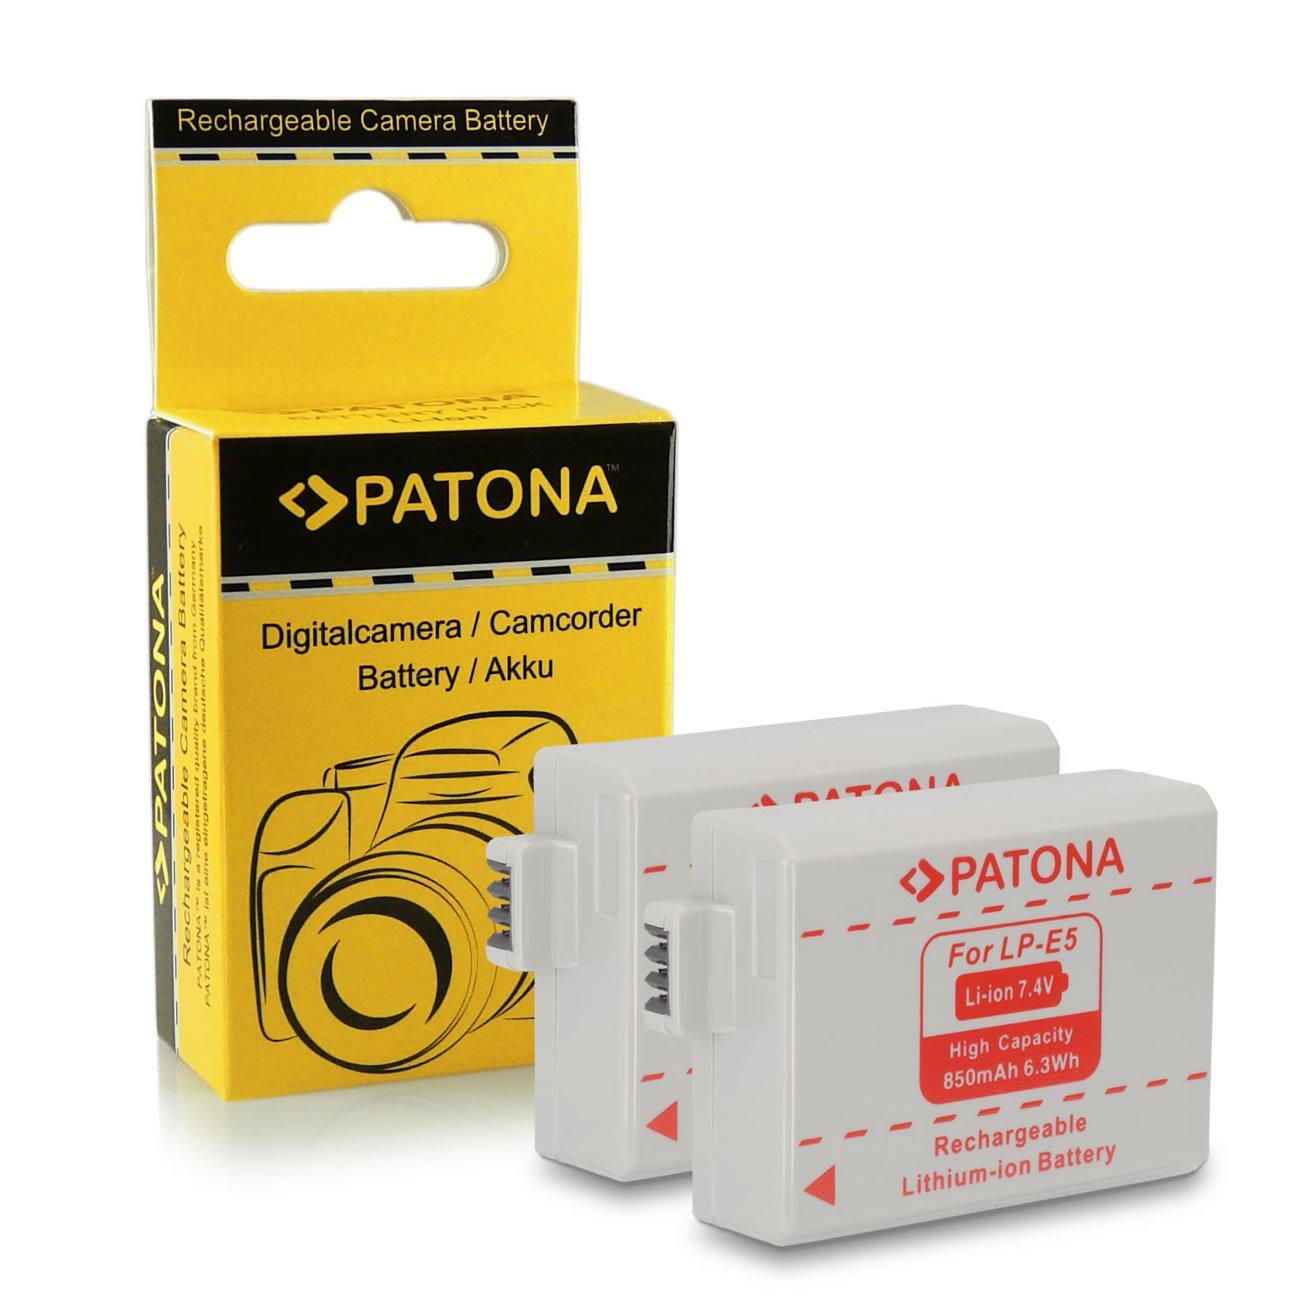 2x Bateria LP-E5 para Canon EOS 1000D | EOS 450D | EOS 500D | EOS Rebel T1i |...